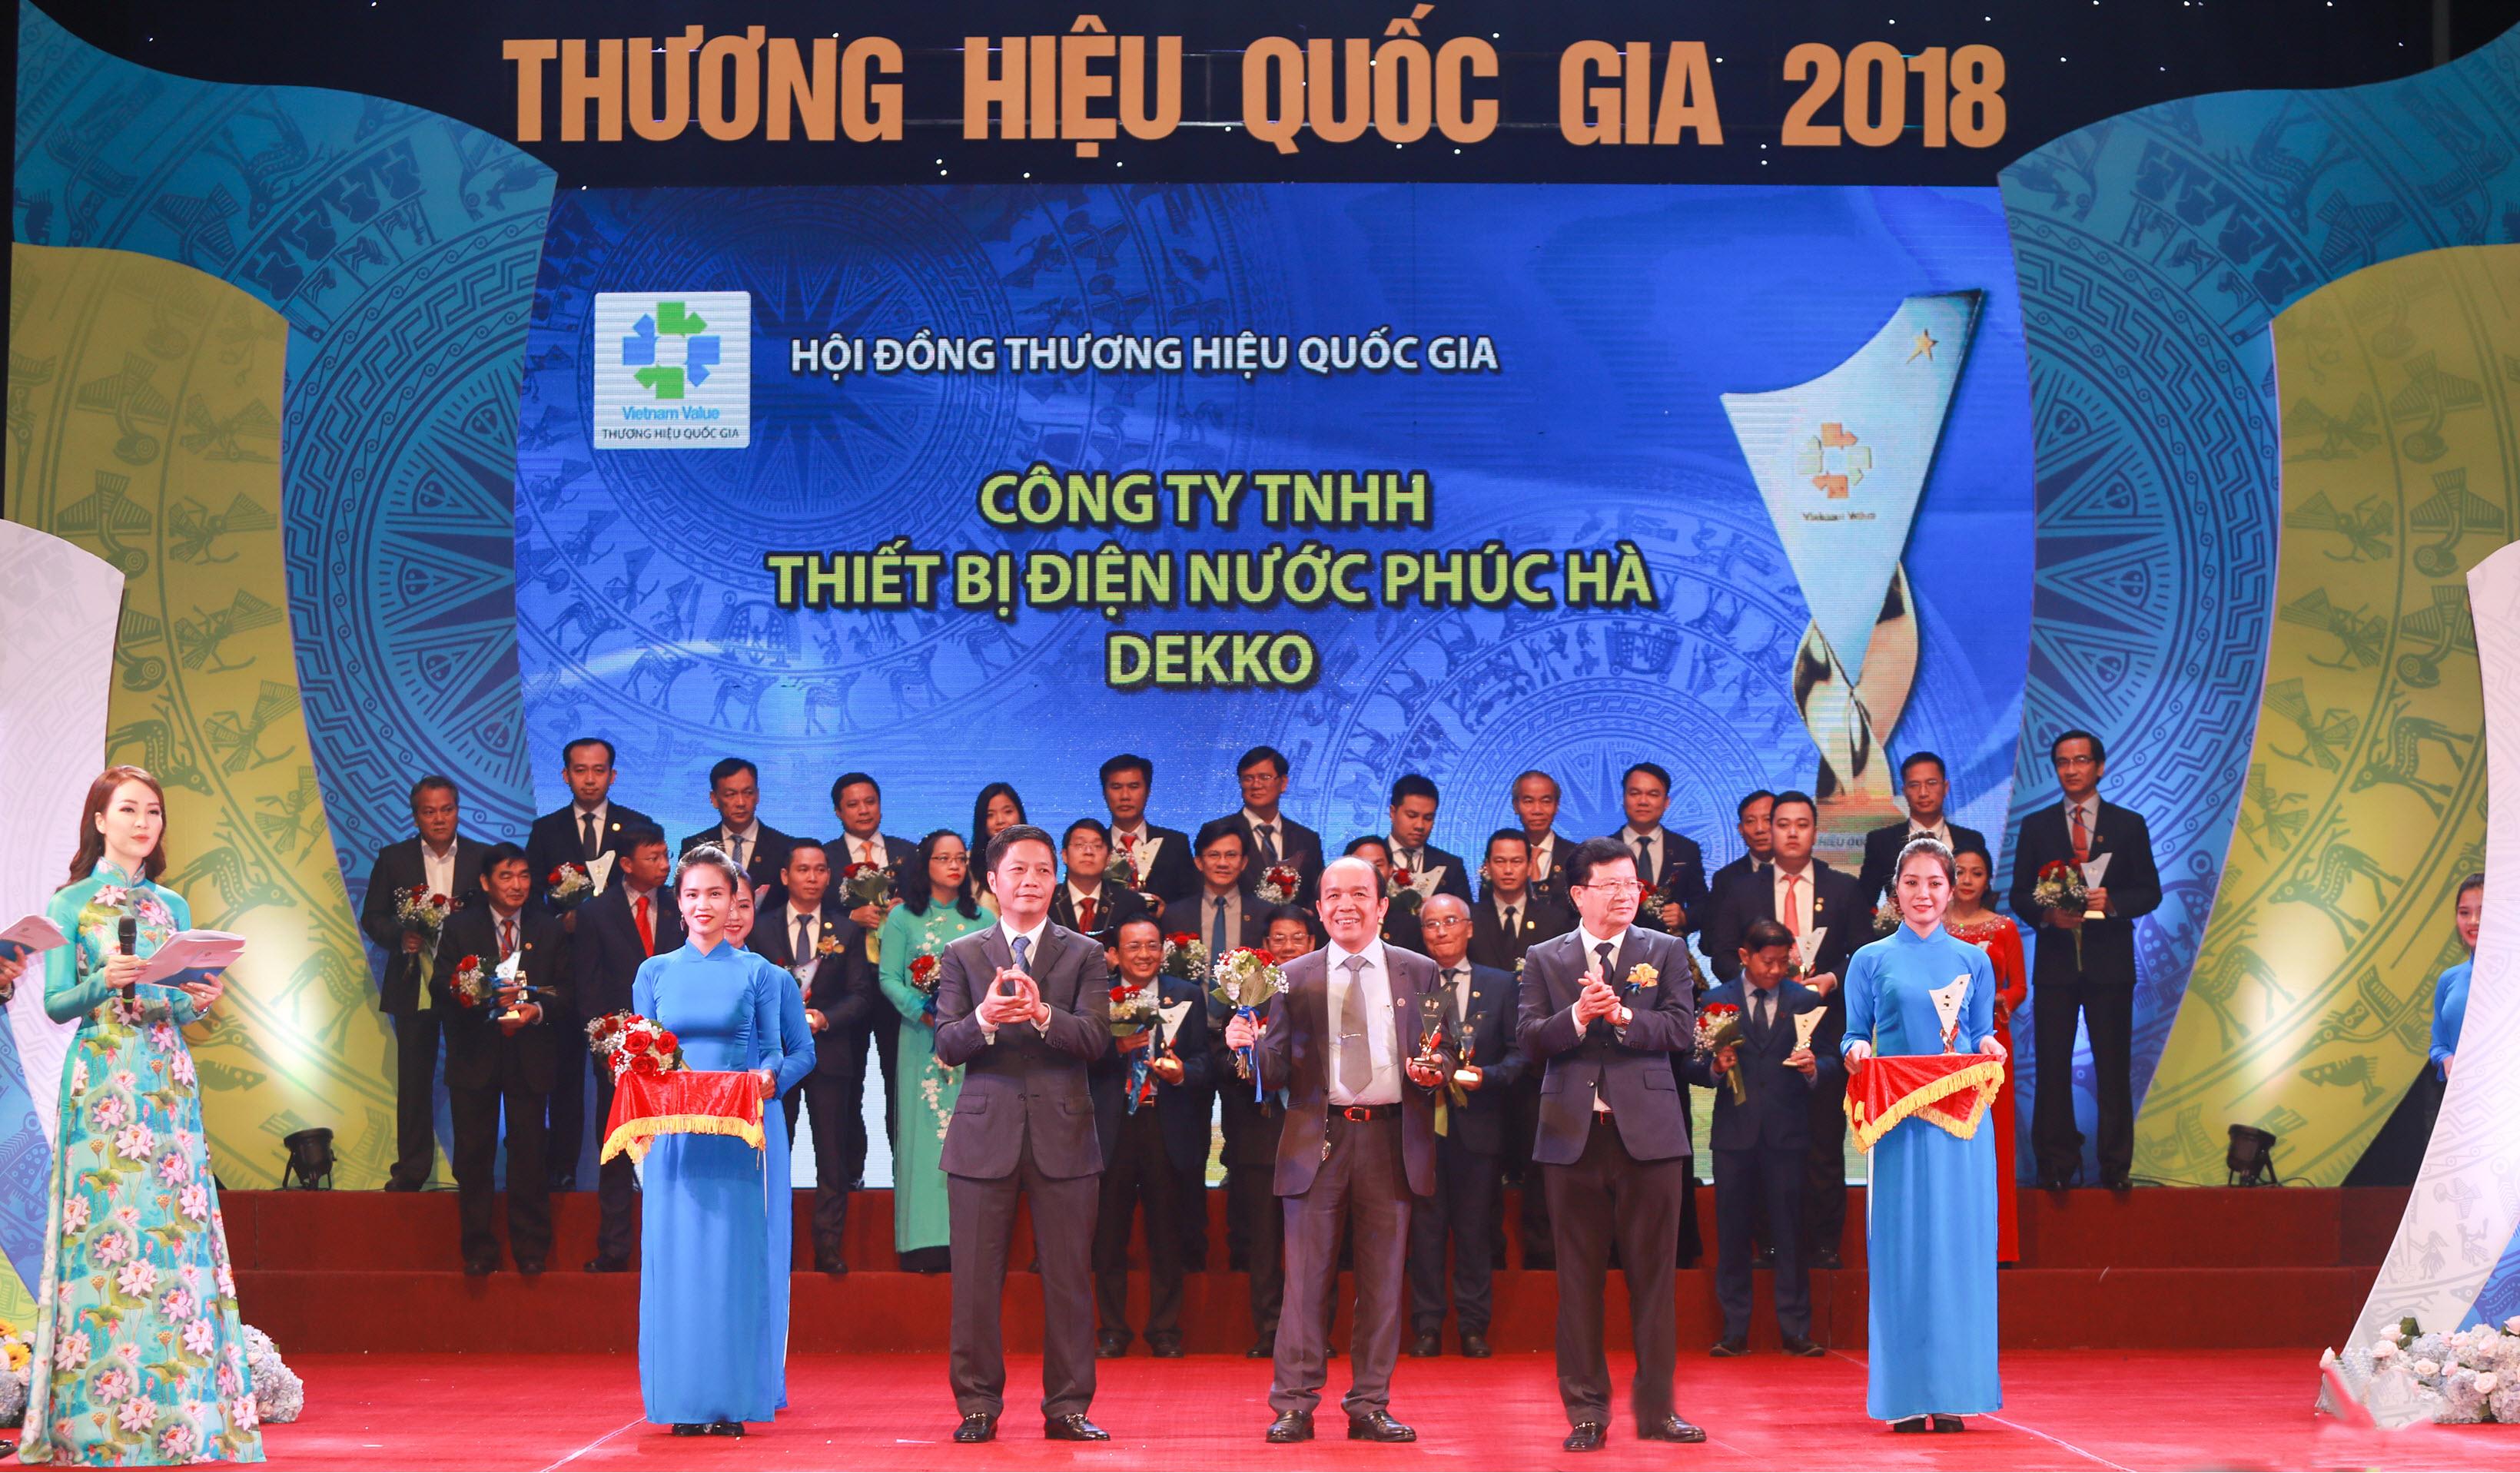 Ống nhựa dekko - img20181221172238107 - Ống nhựa DEKKO vinh dự đón nhận giải thưởng Thương hiệu quốc gia 2018